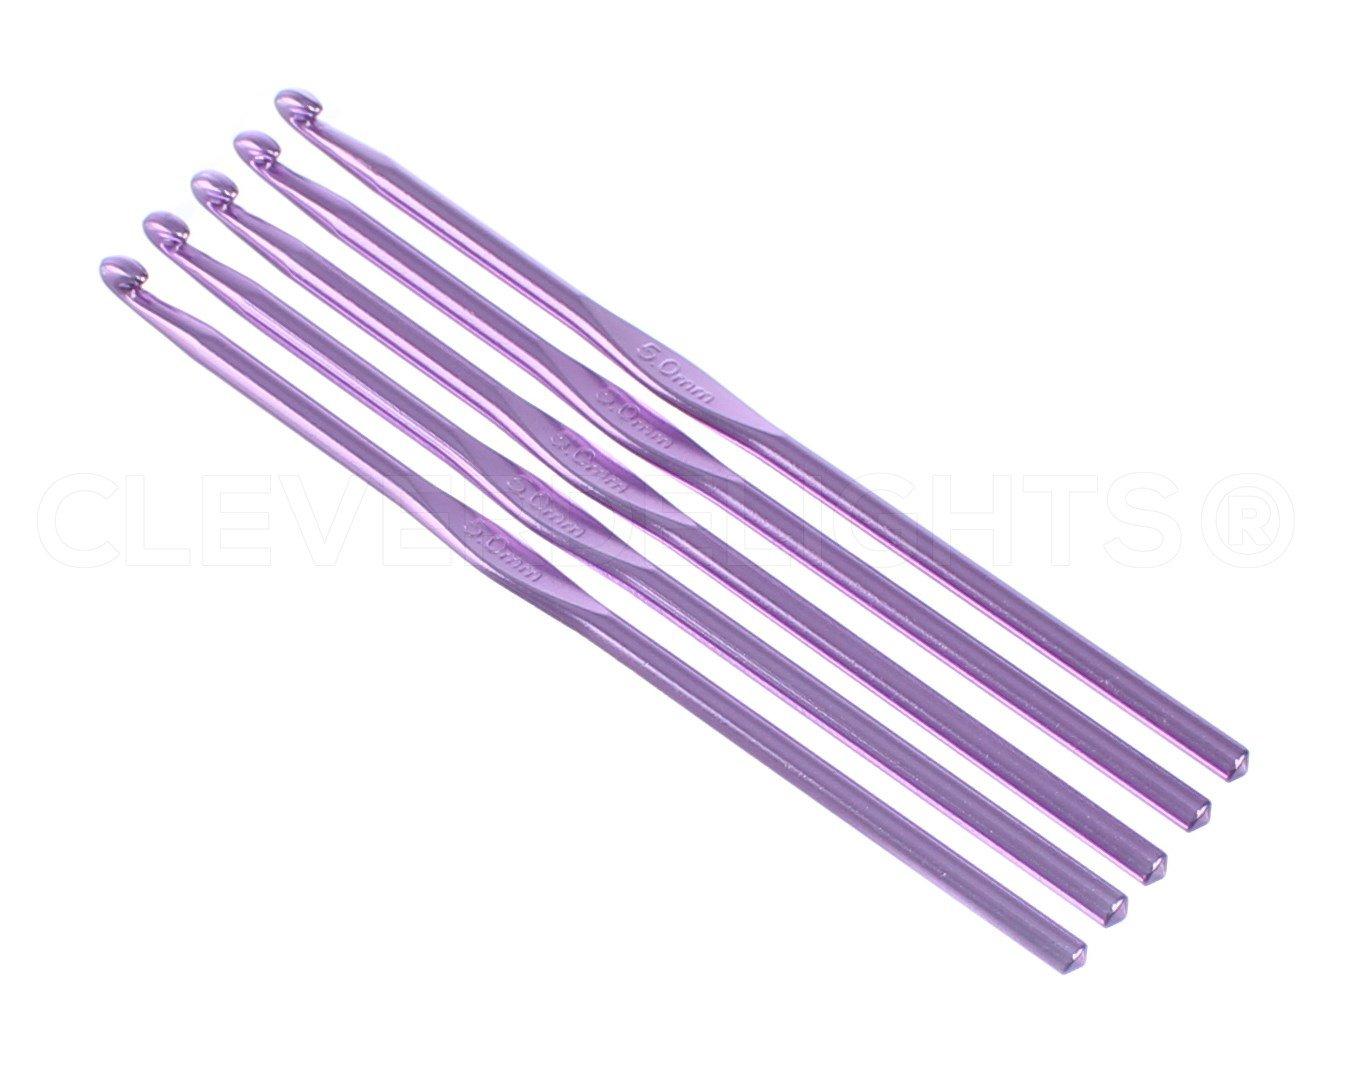 5 Pack - CleverDelights Size H (Size 8) Aluminum Crochet Hooks - 6 Length - 5mm Diameter - Knitting